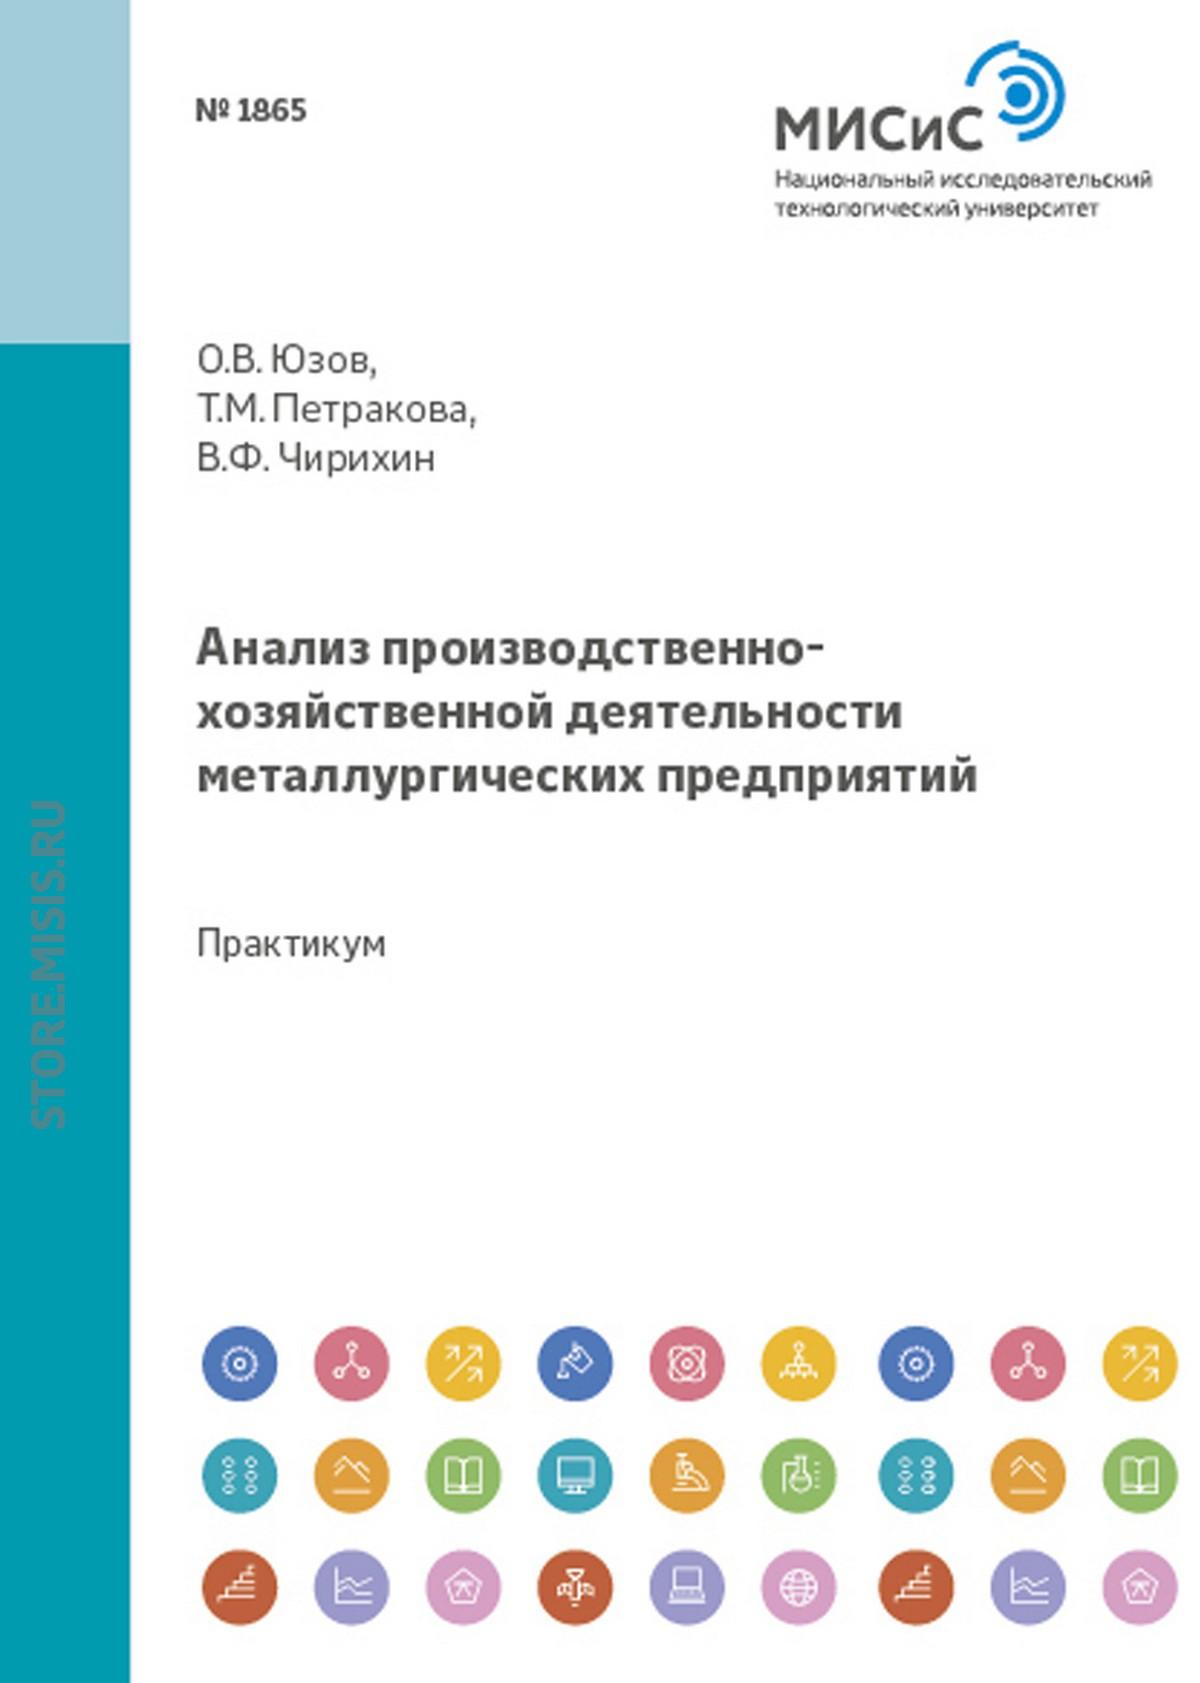 Валерий Чирихин Анализ производственно-хозяйственной деятельности металлургических предприятий все цены